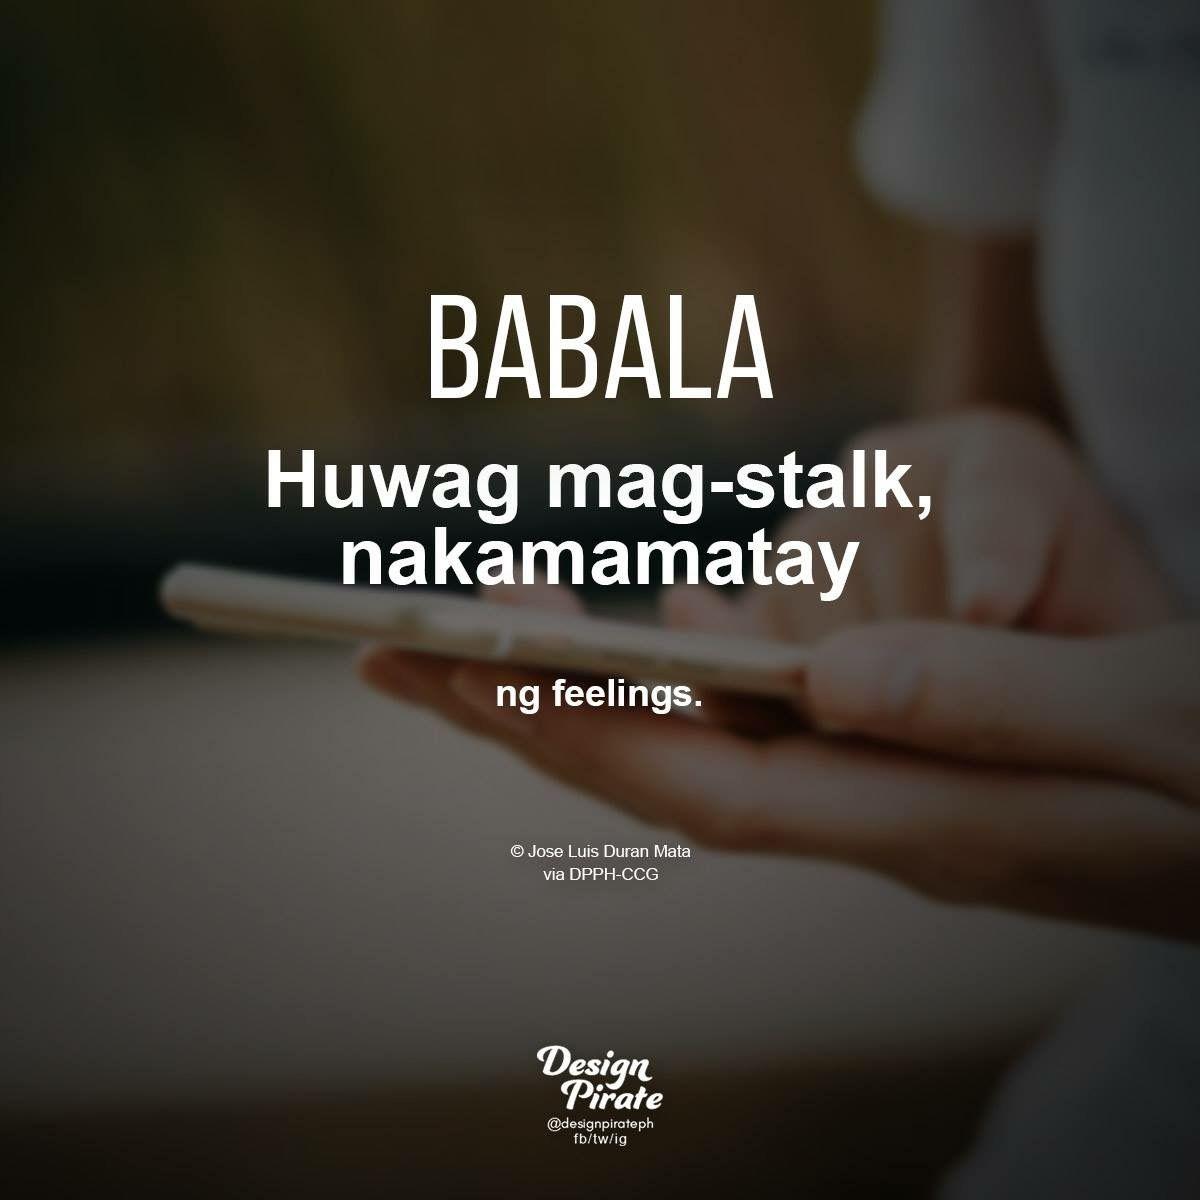 Ikaw Na Ikaw Ito Ingat Ka Tagalog Quotes Hugot Funny Tagalog Quotes Tagalog Love Quotes